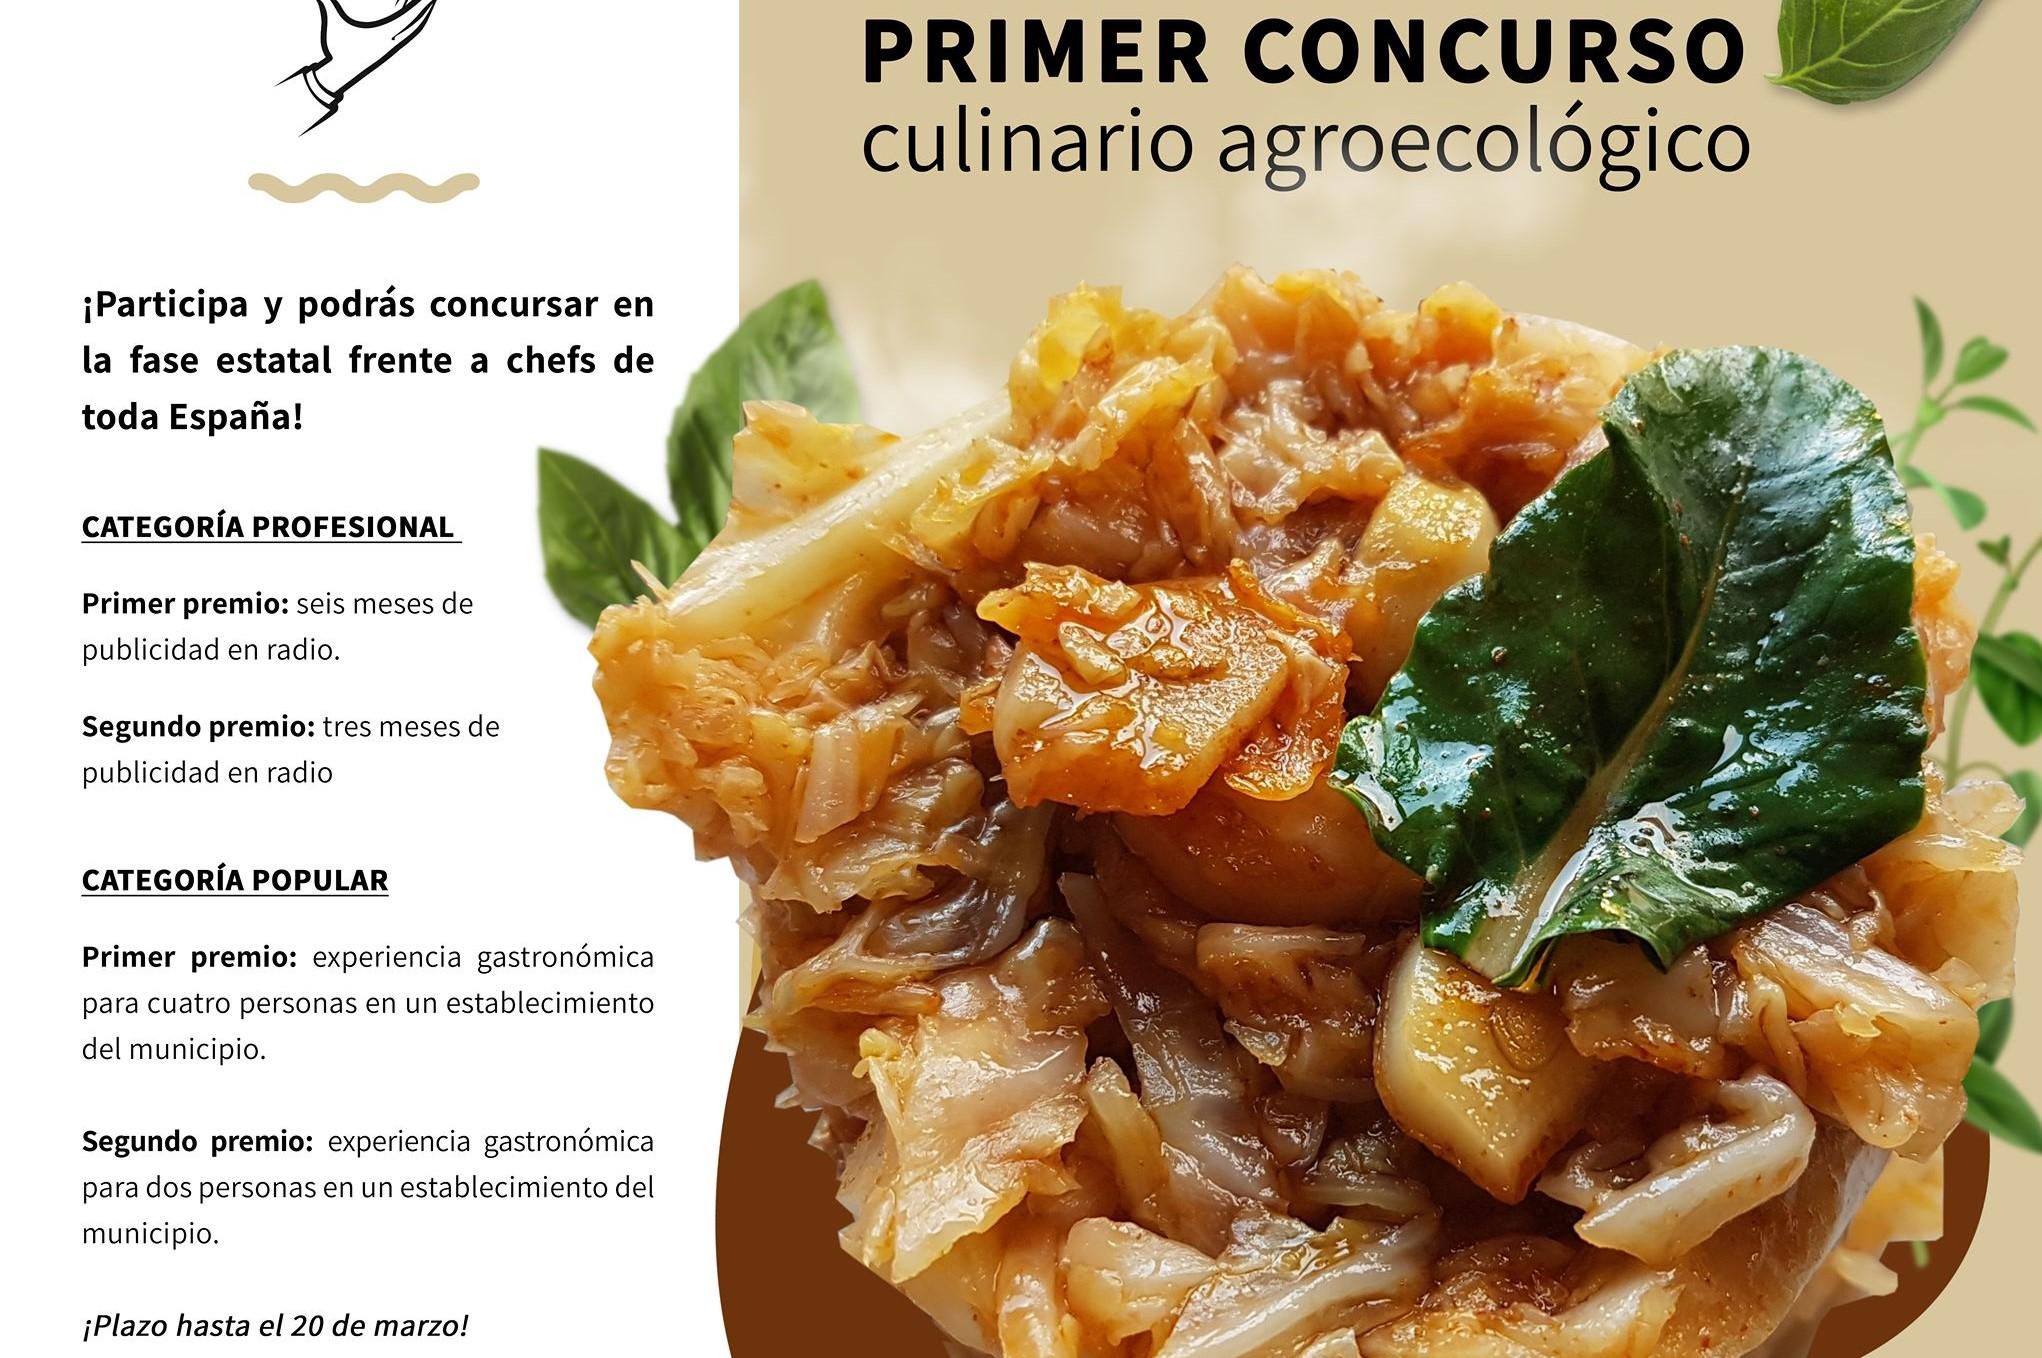 Concurso de cocina agroecológica de Buenavista del Norte (Tenerife) / CanariasNoticias.es